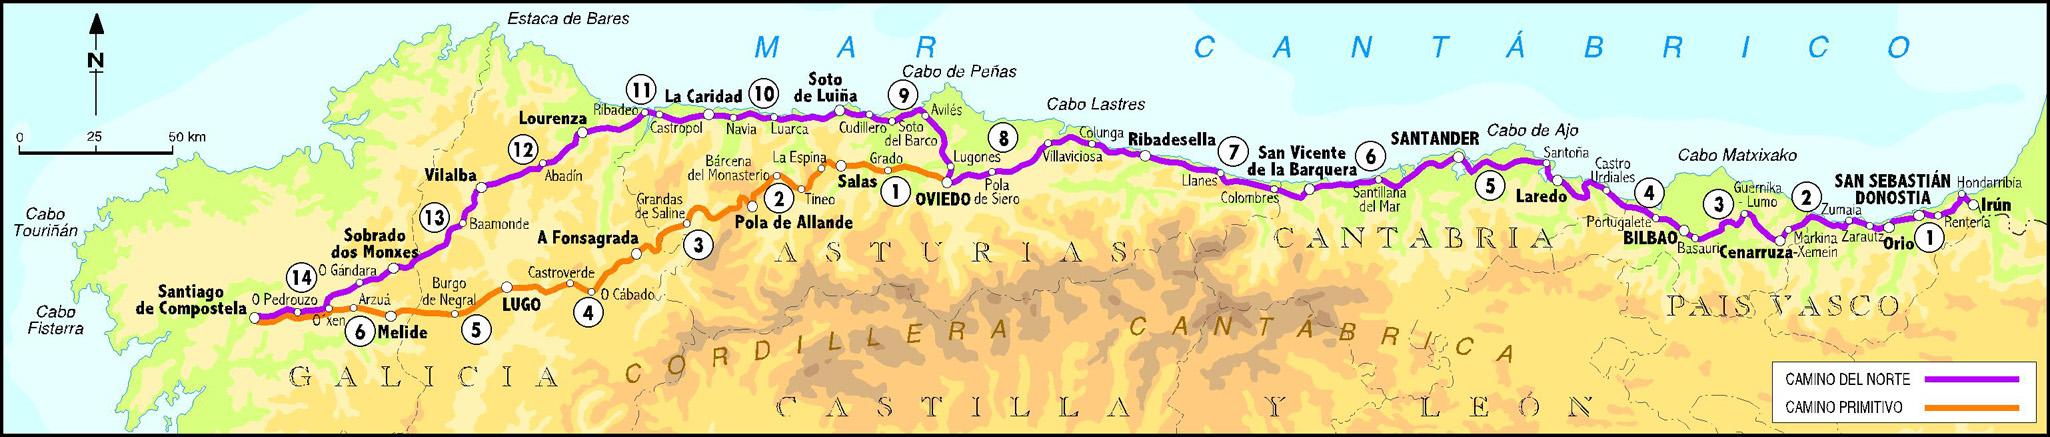 El Camino del Norte (la linea violeta)!